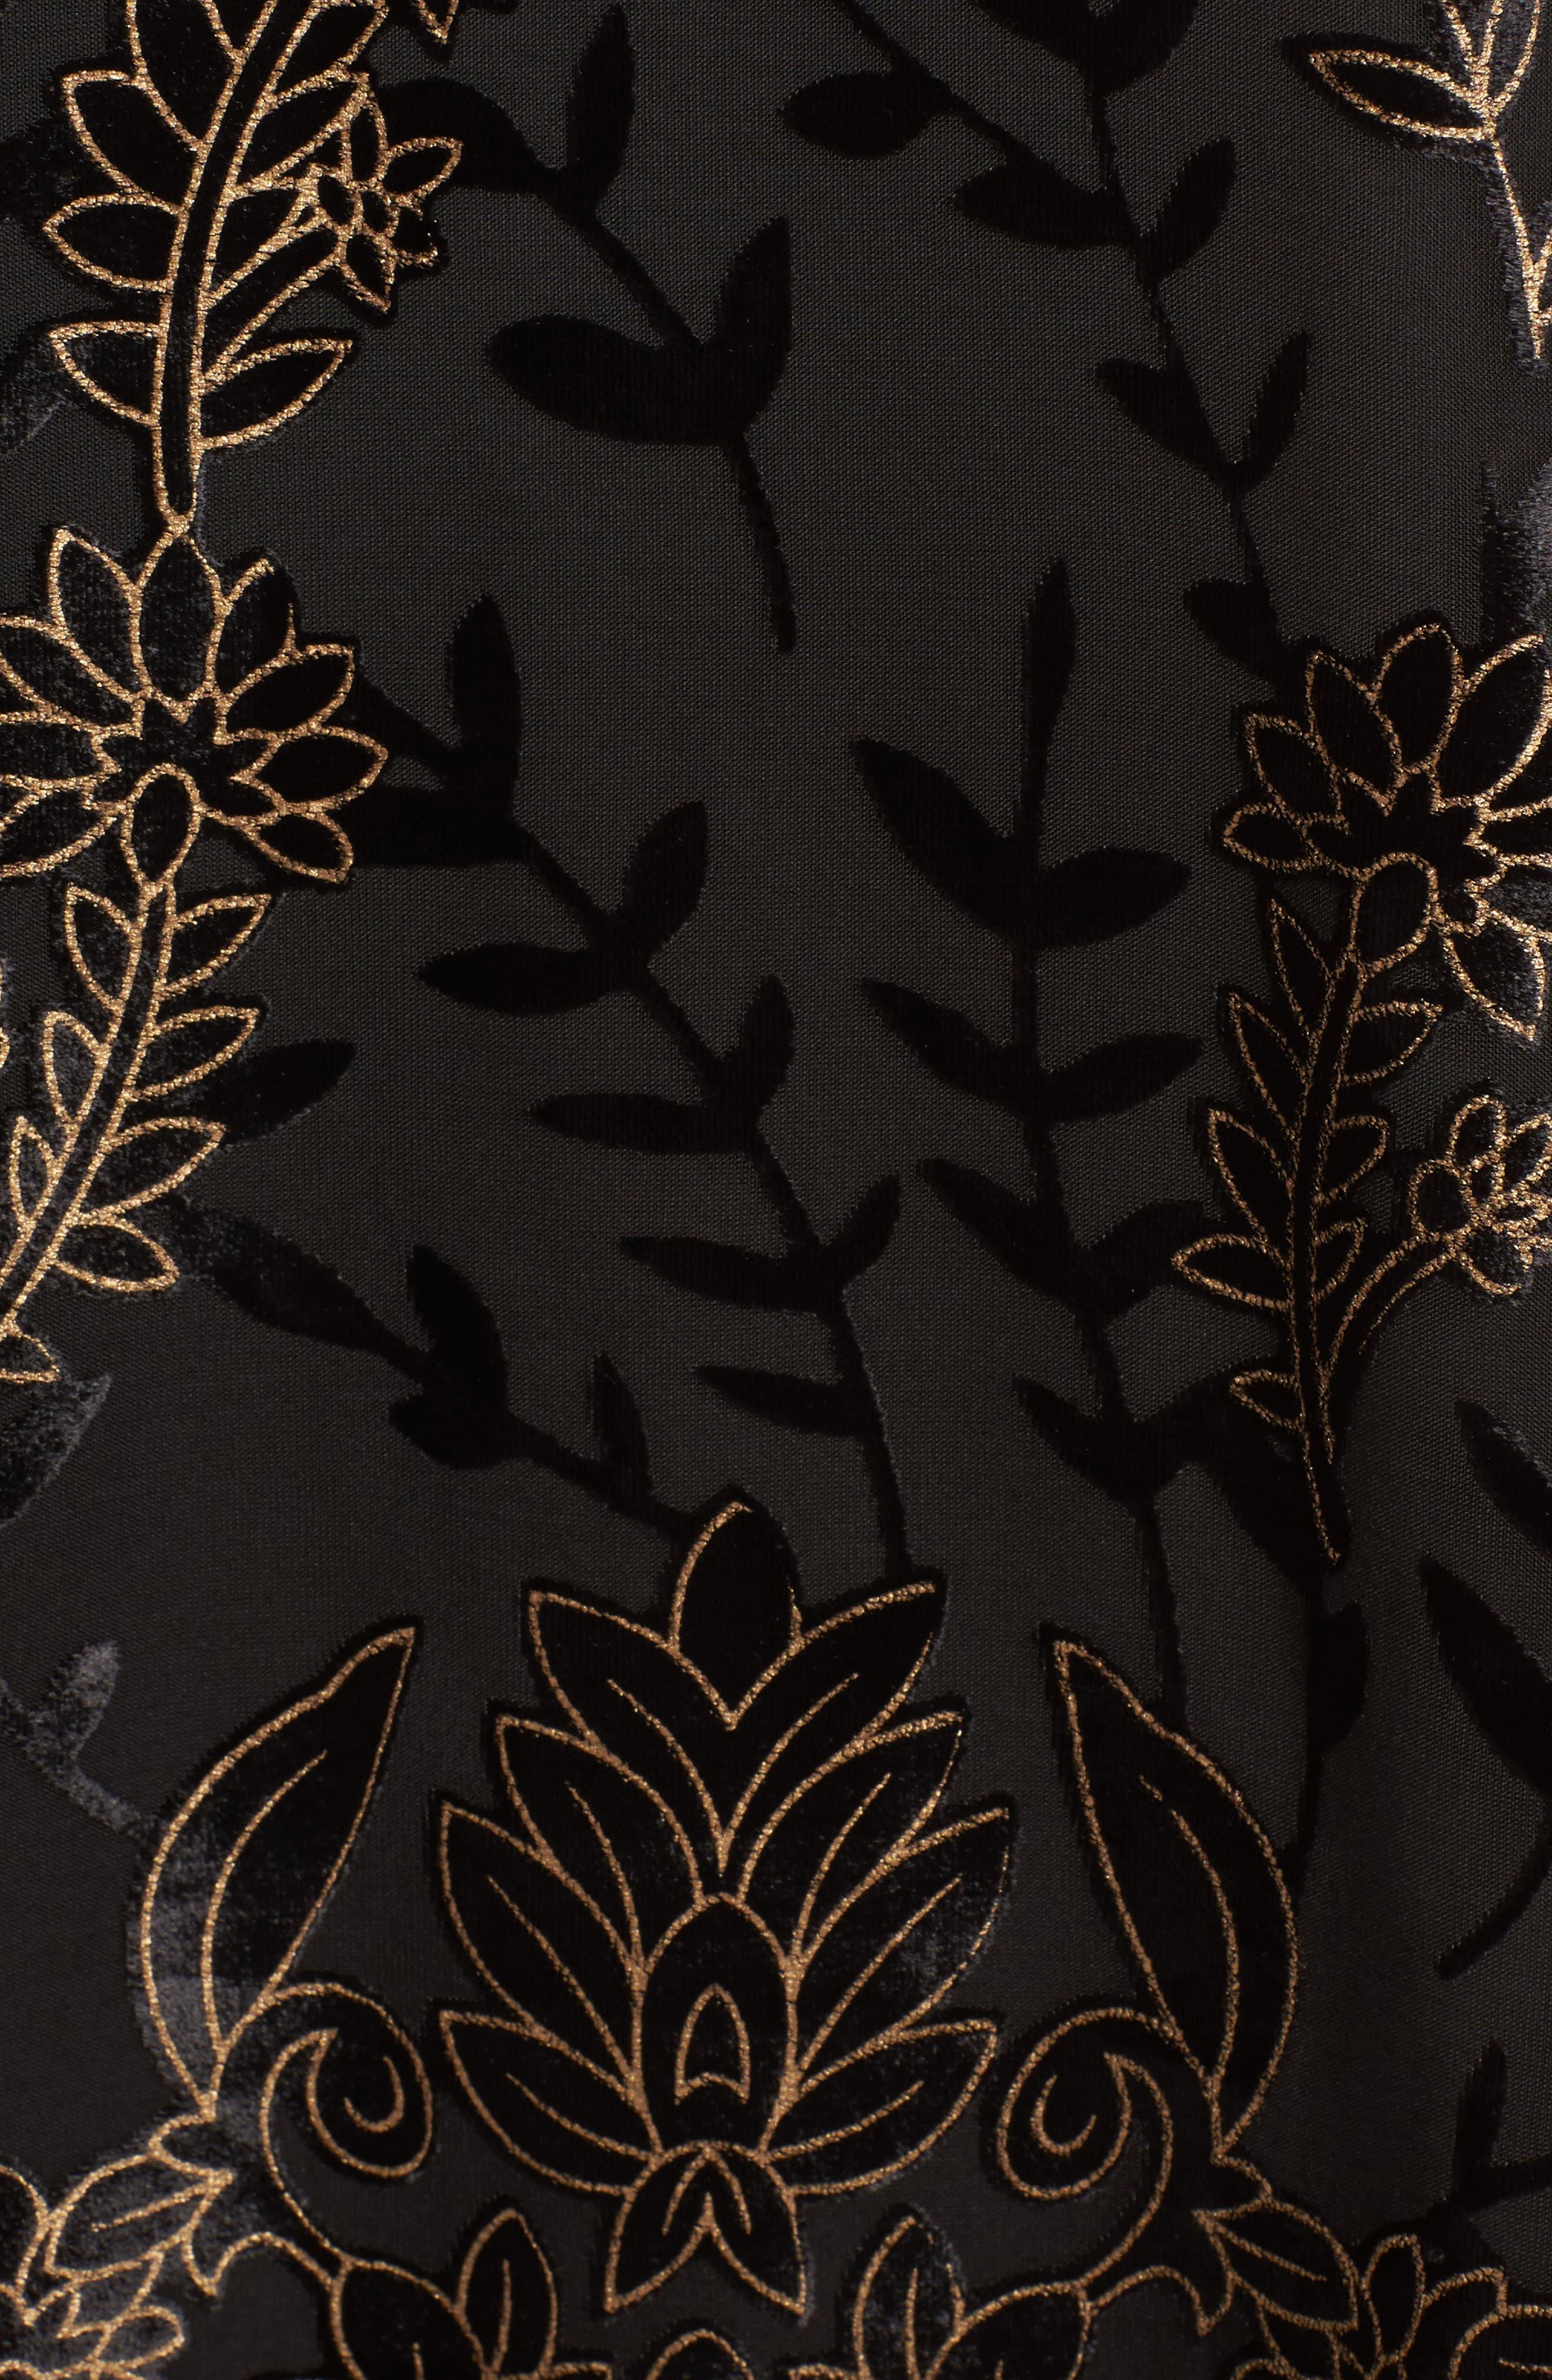 Merci Halter Dress,                             Alternate thumbnail 5, color,                             Black